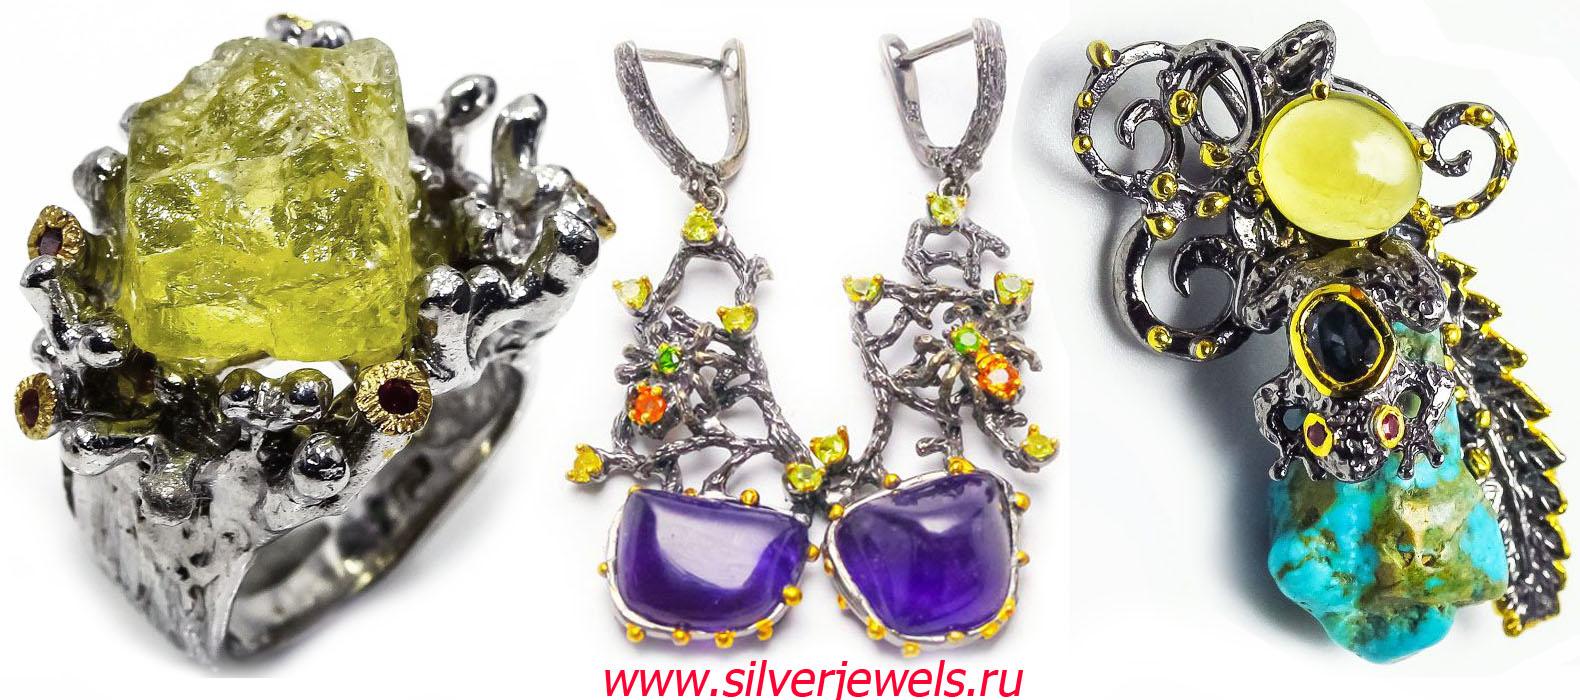 серебряные украшения silverjewels.ru ручная работа